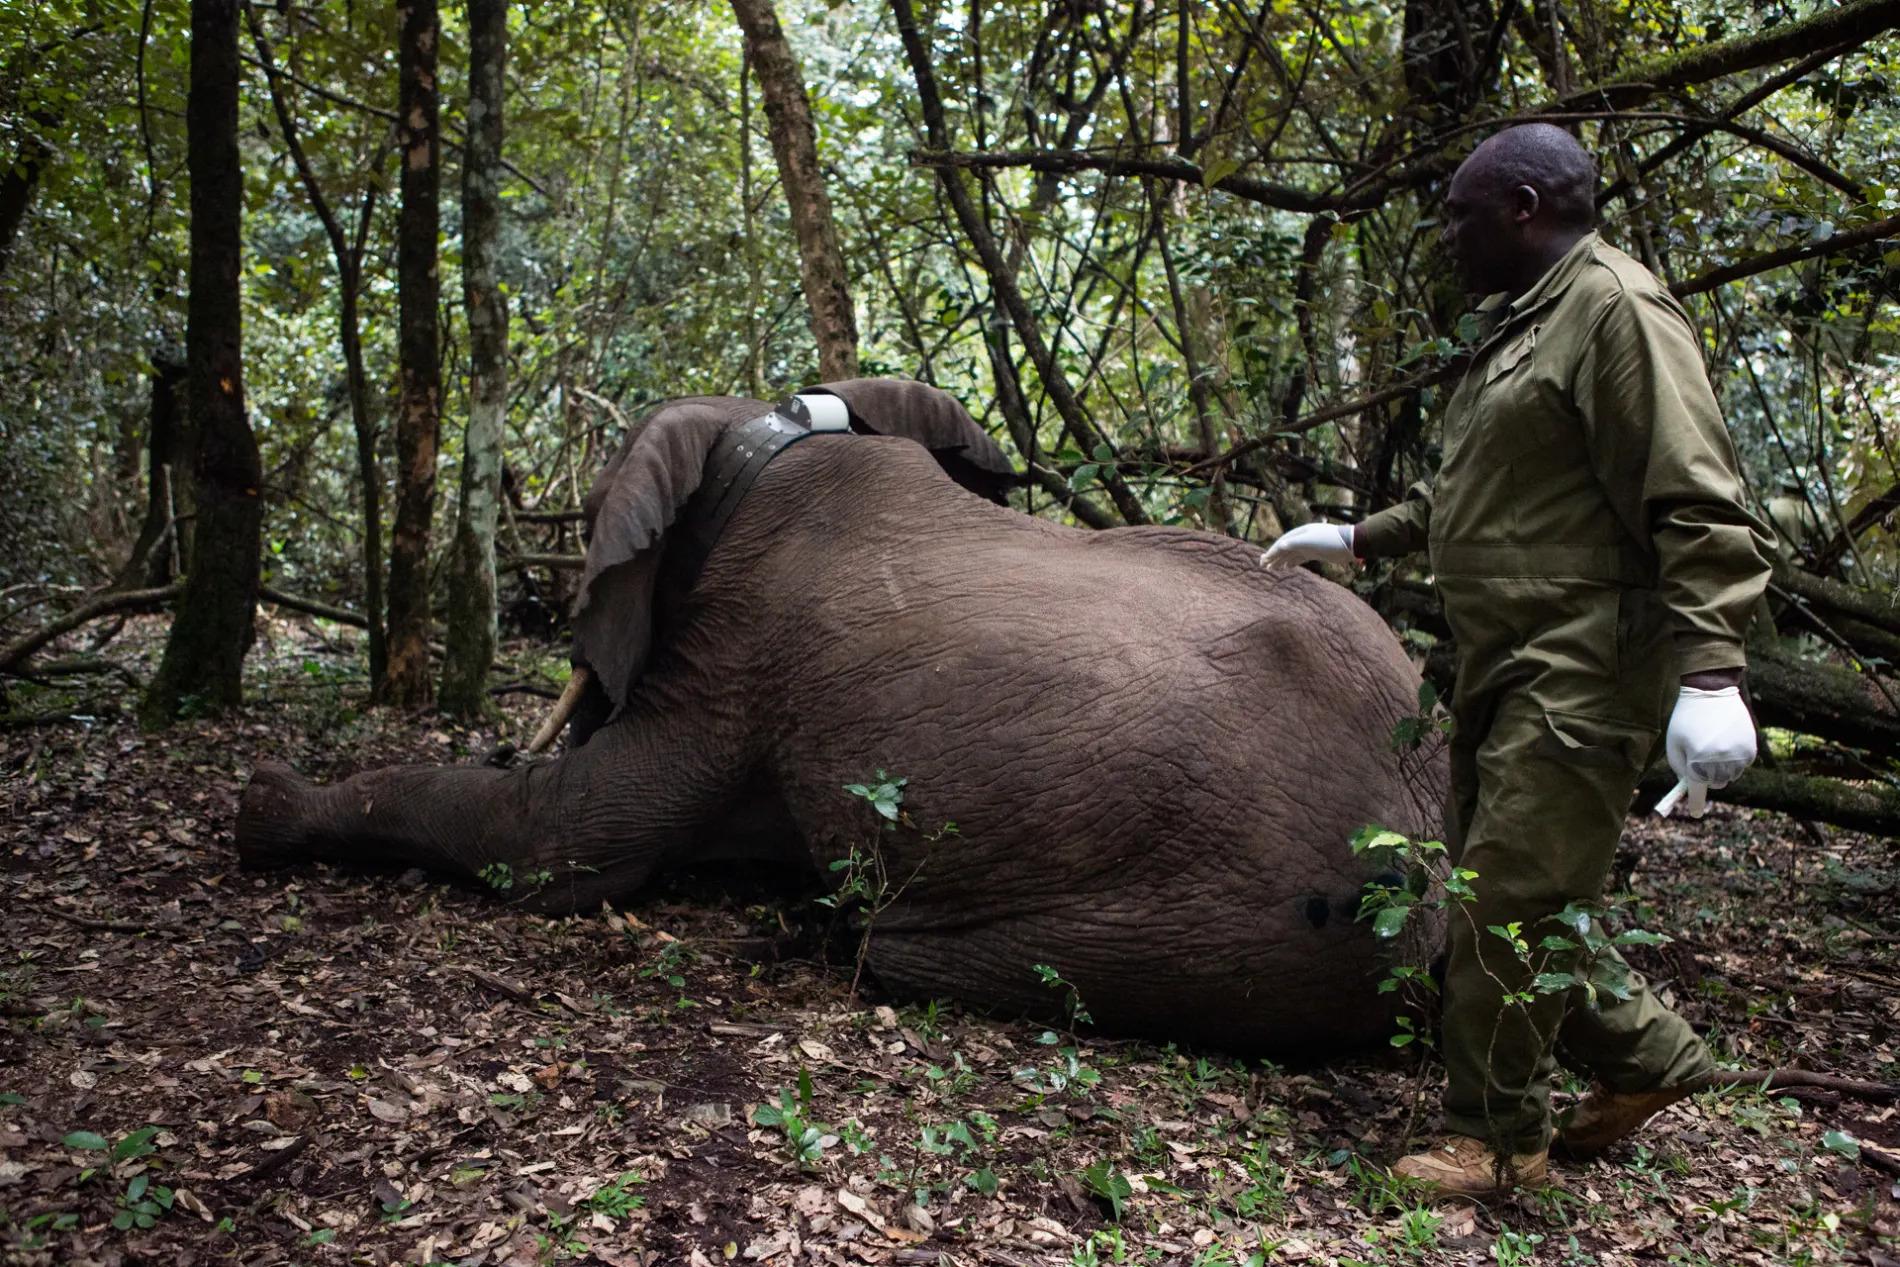 Elephant waking up